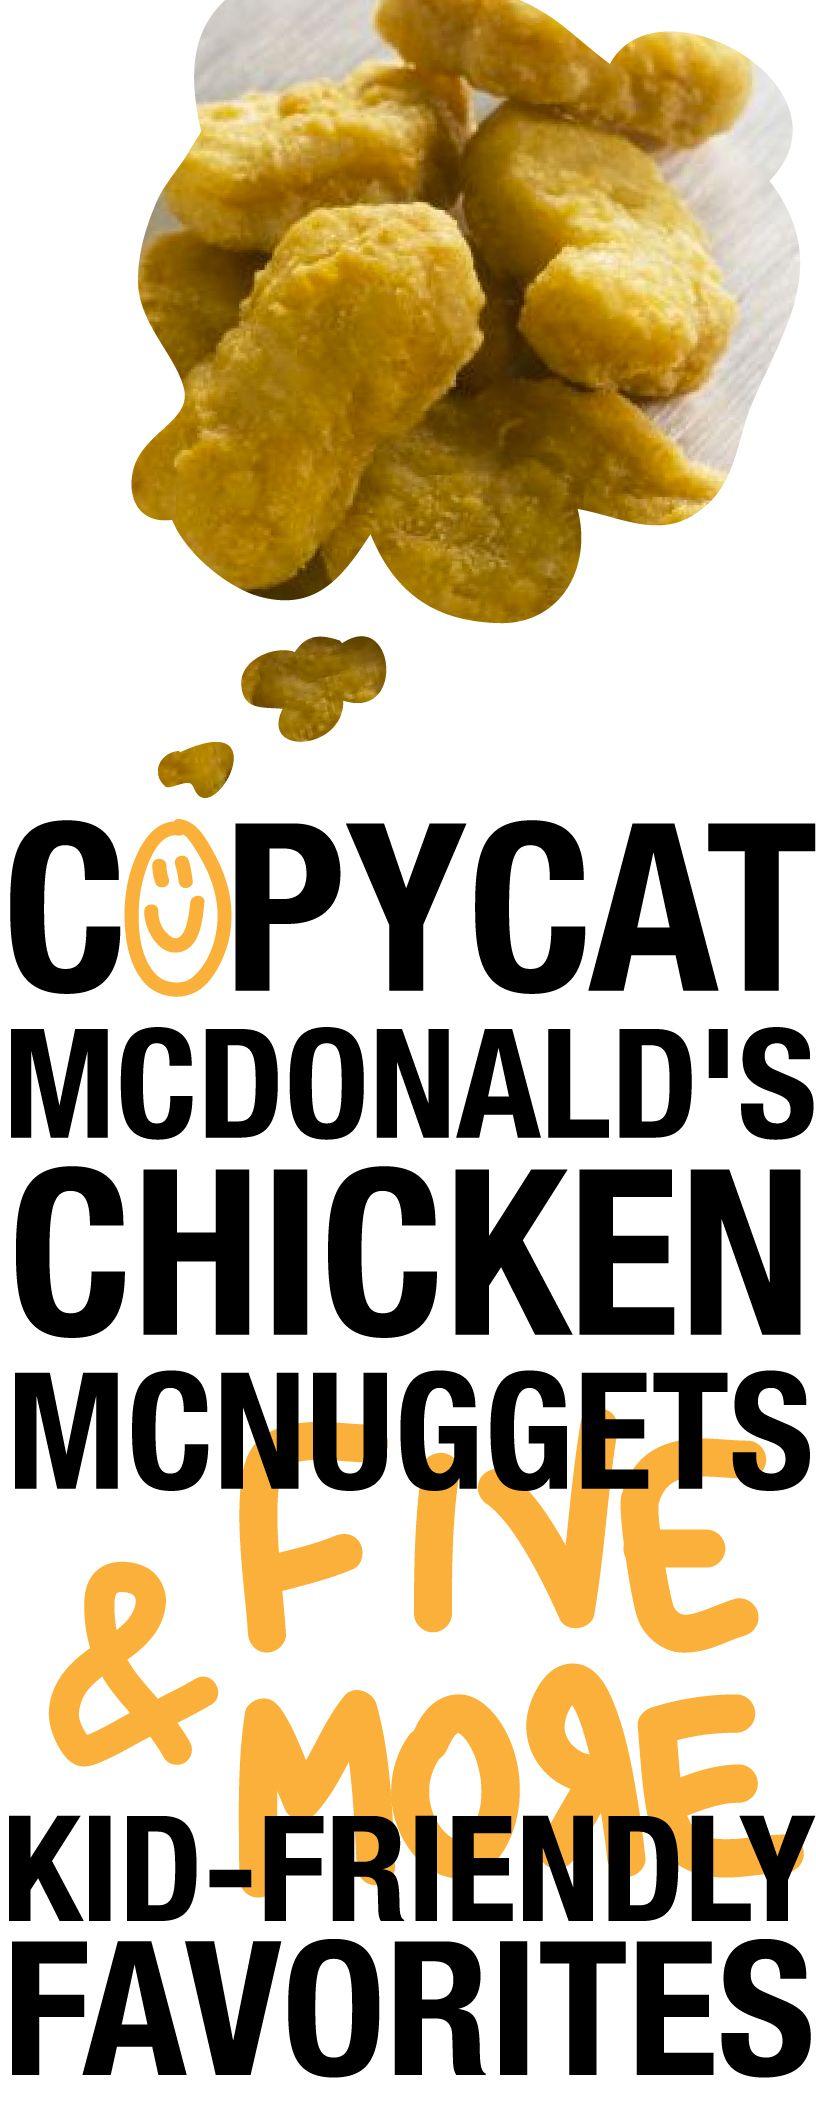 Copycat mcdonalds chicken mcnuggets five more kid